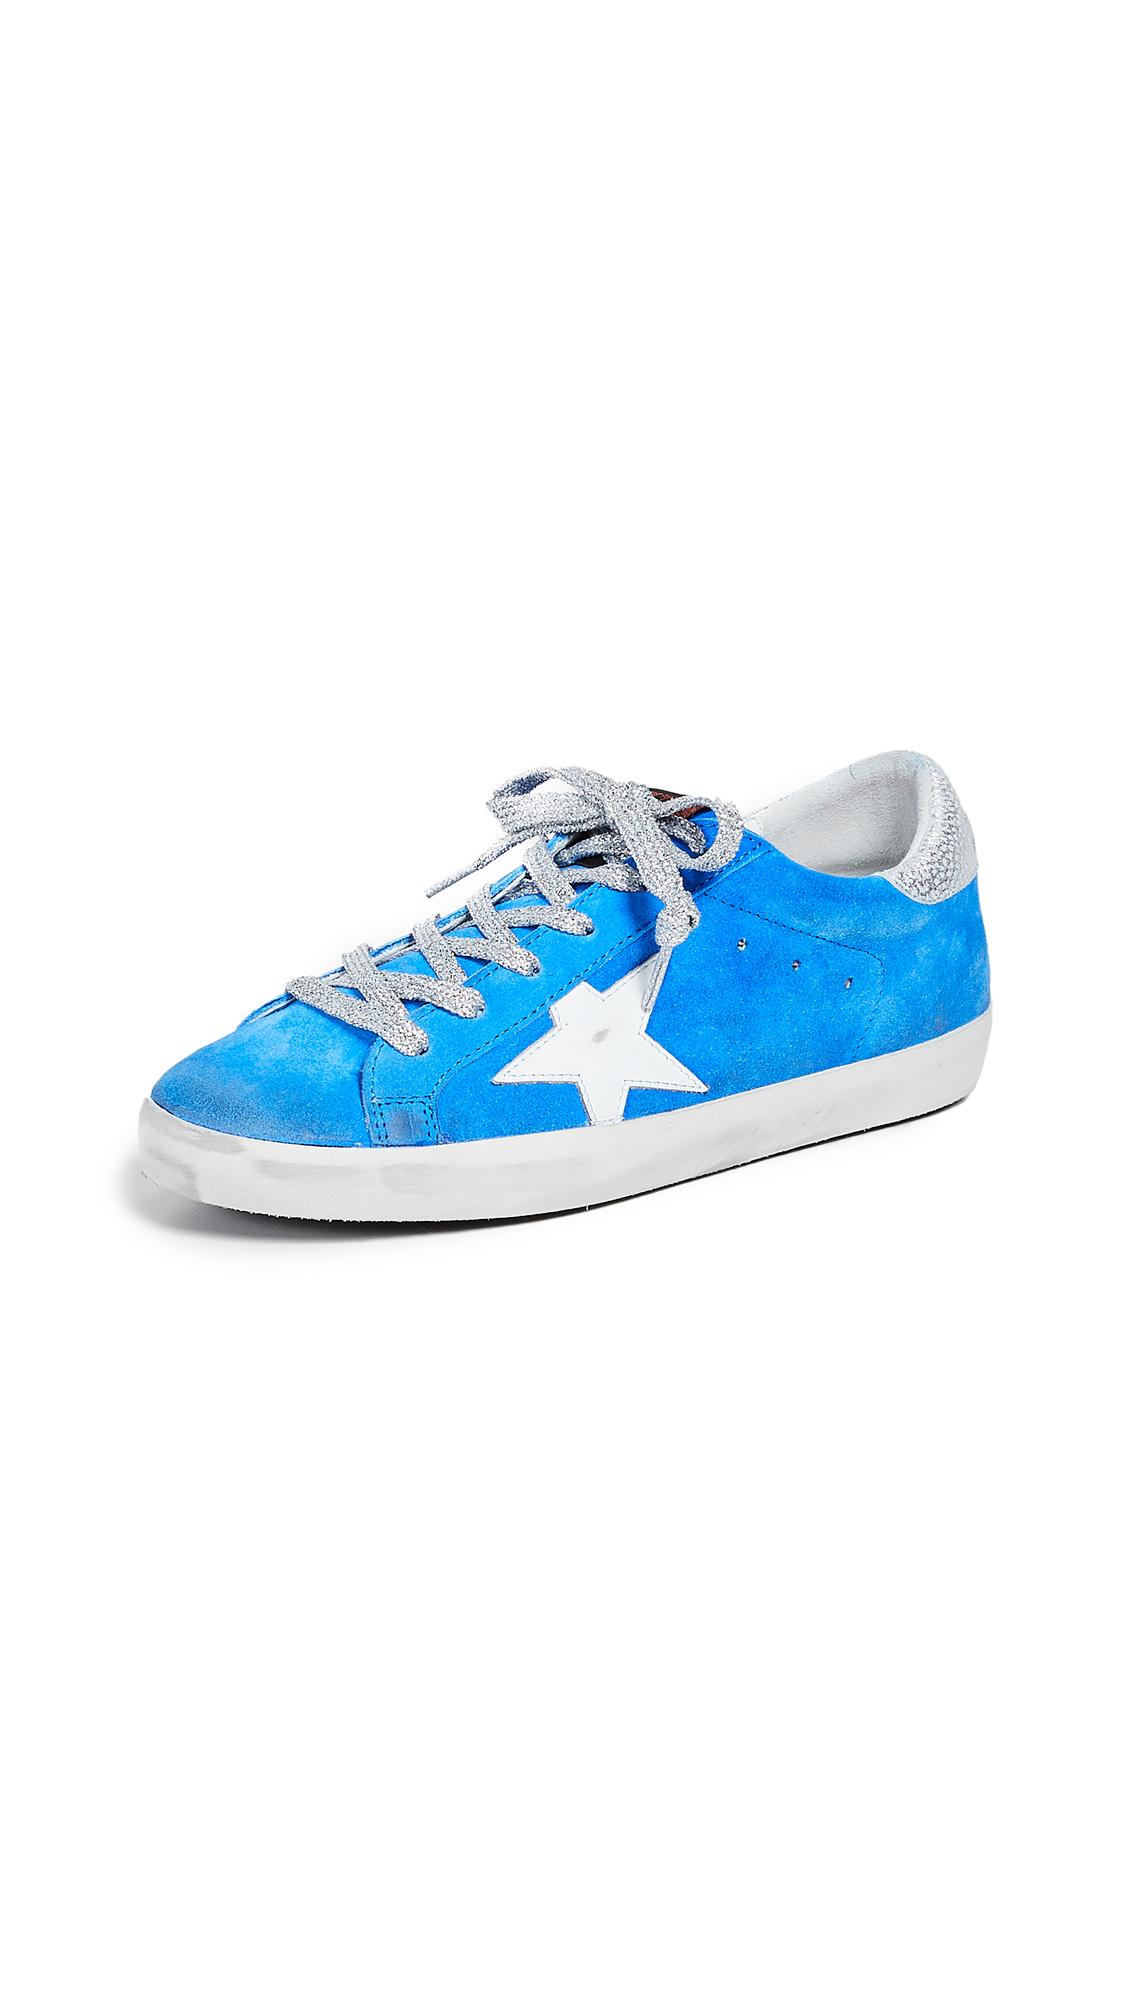 Golden Goose Superstar Sneakers - Neon Light Blue